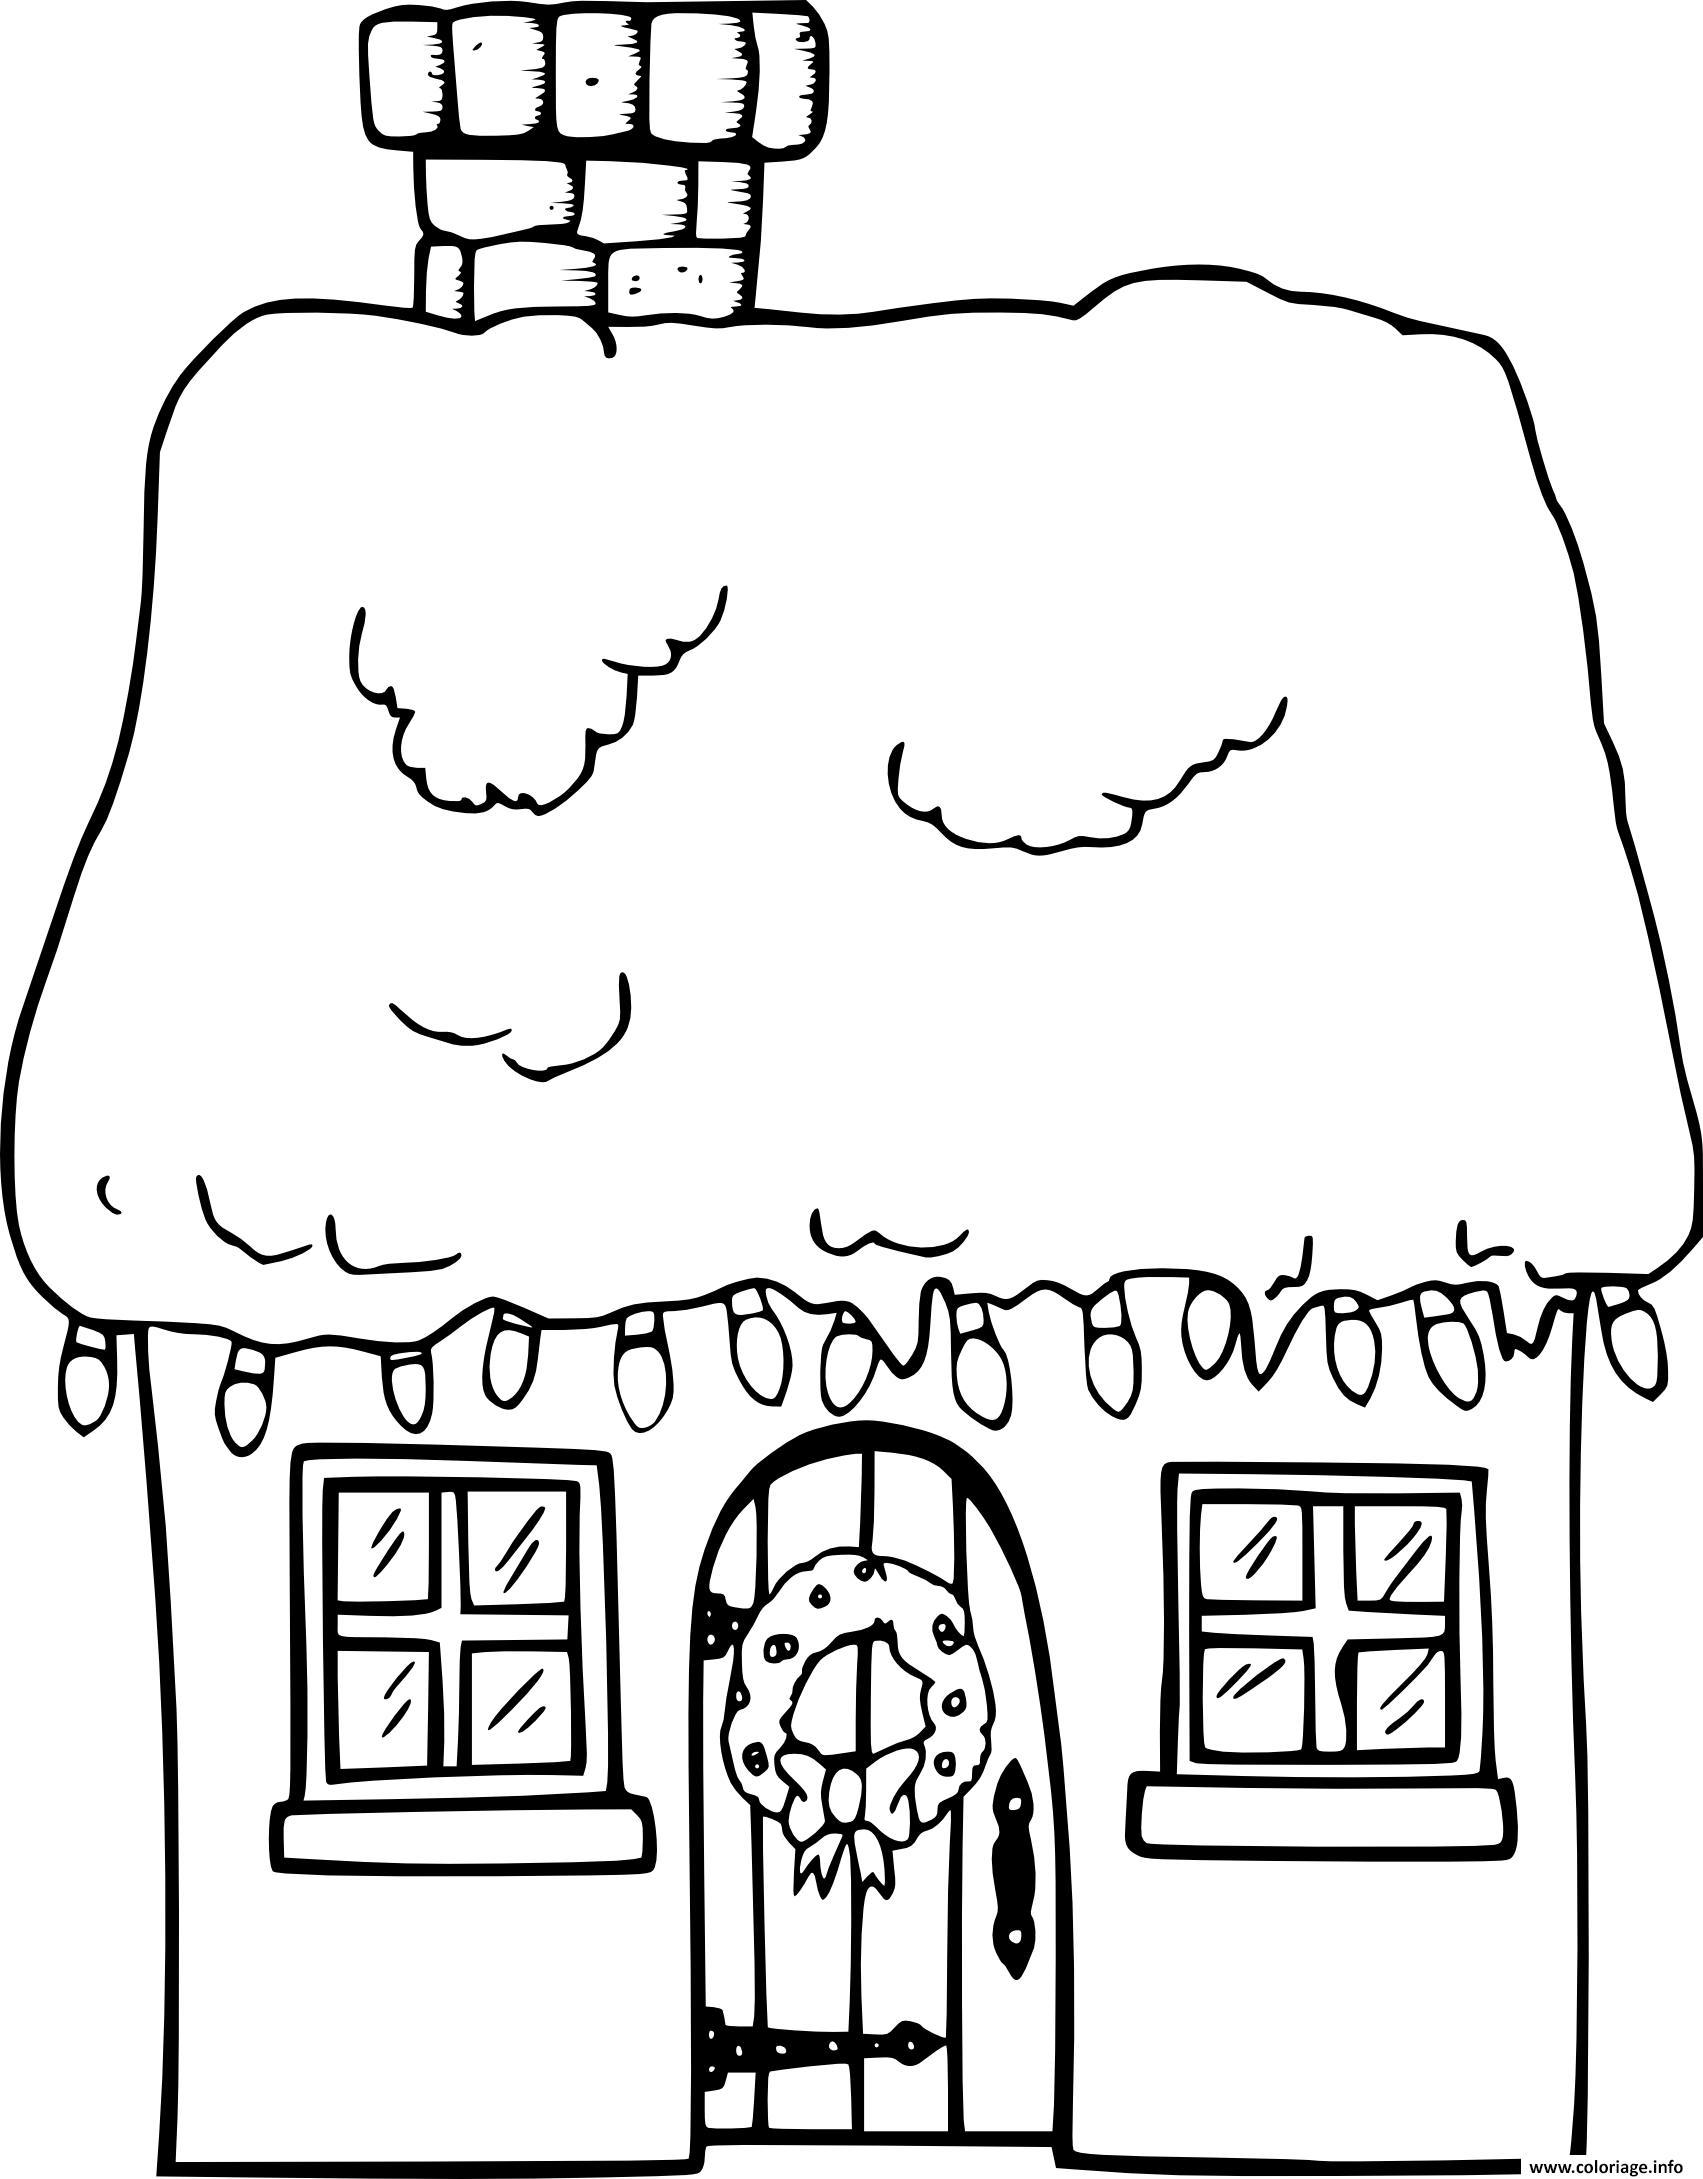 Dessin maison de noel avec neige Coloriage Gratuit à Imprimer